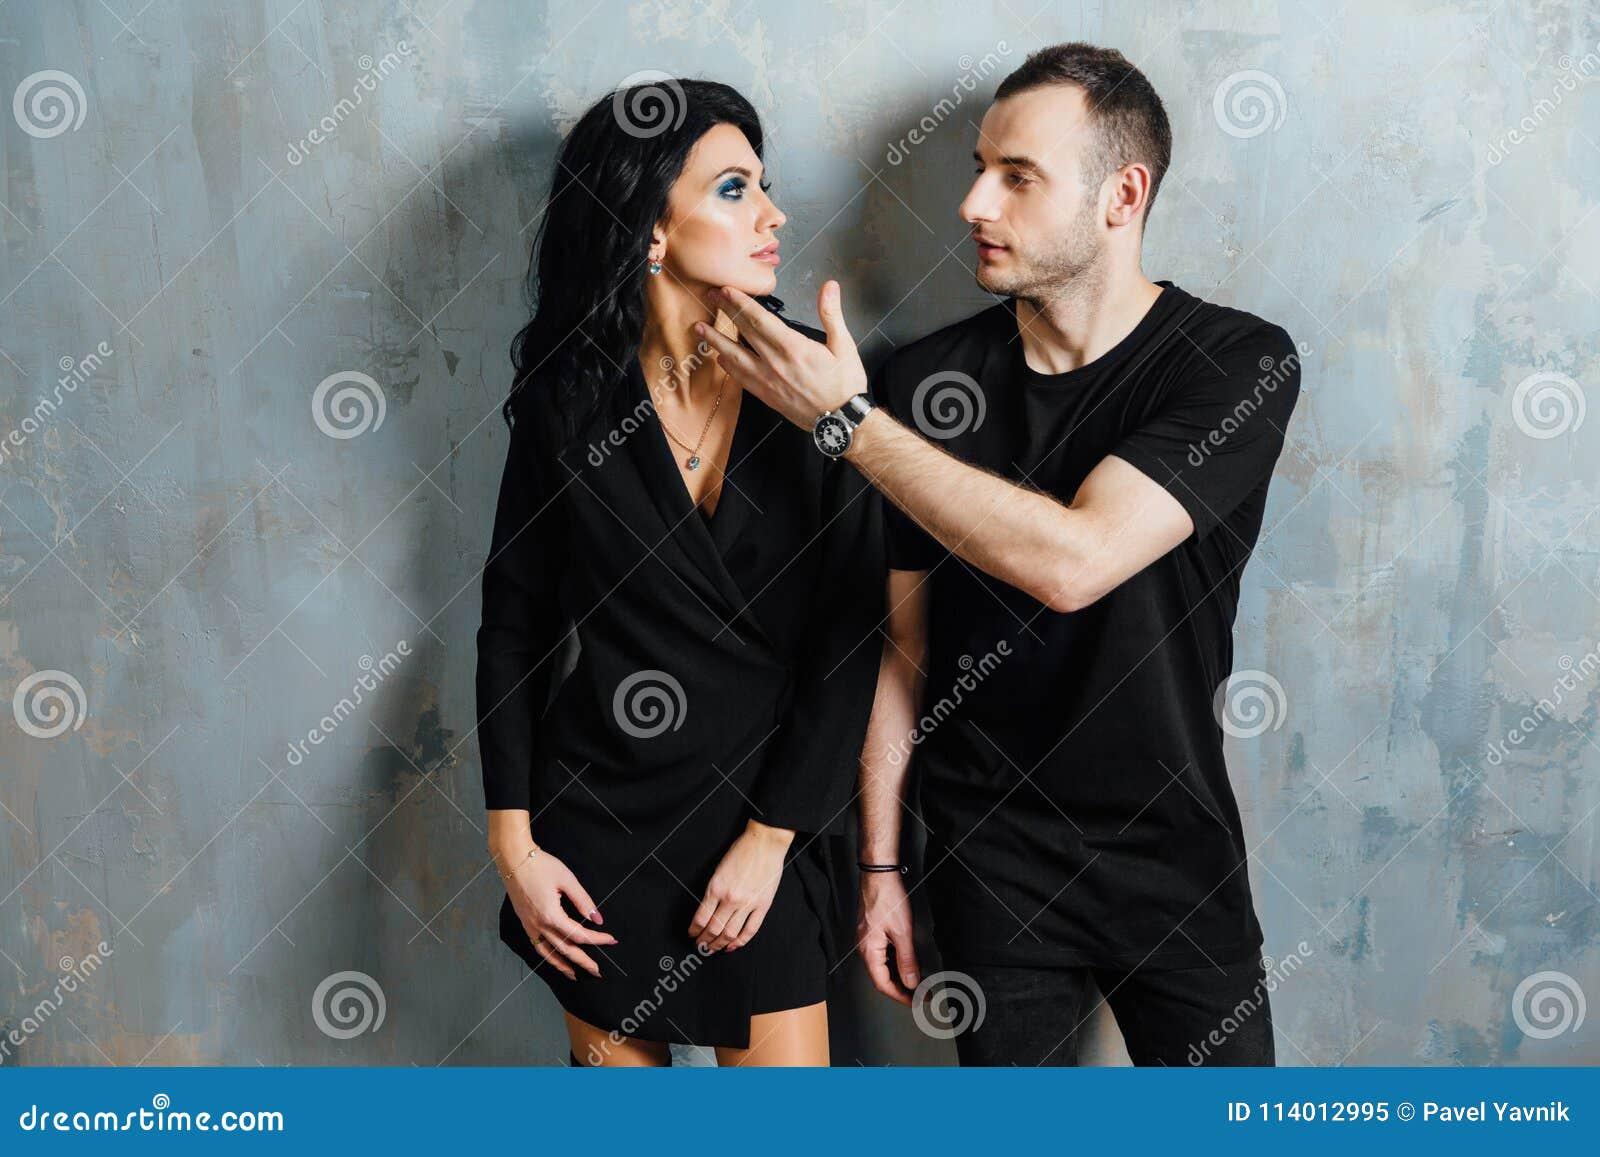 Молодые стильные красивые шикарные пары, против серой просторной квартиры стены в студии или дома